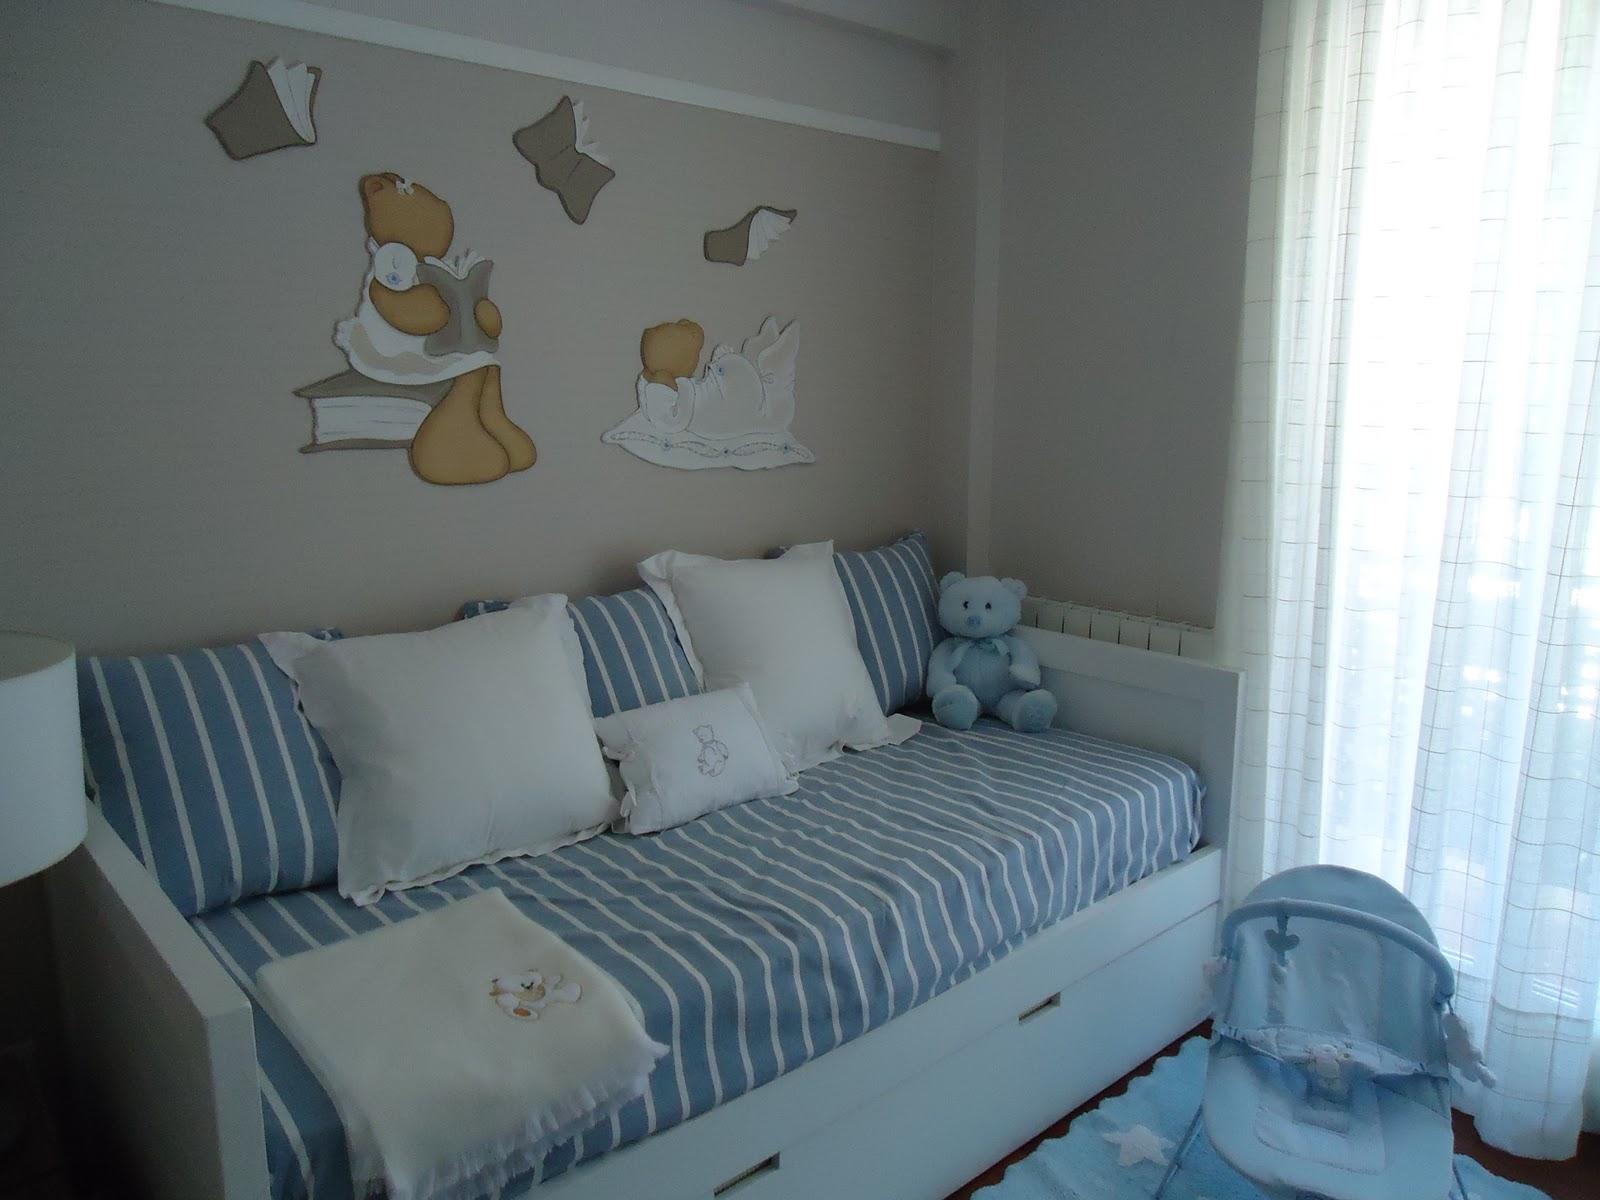 Coc la habitaci n de nacho - Ikea textil cama ...